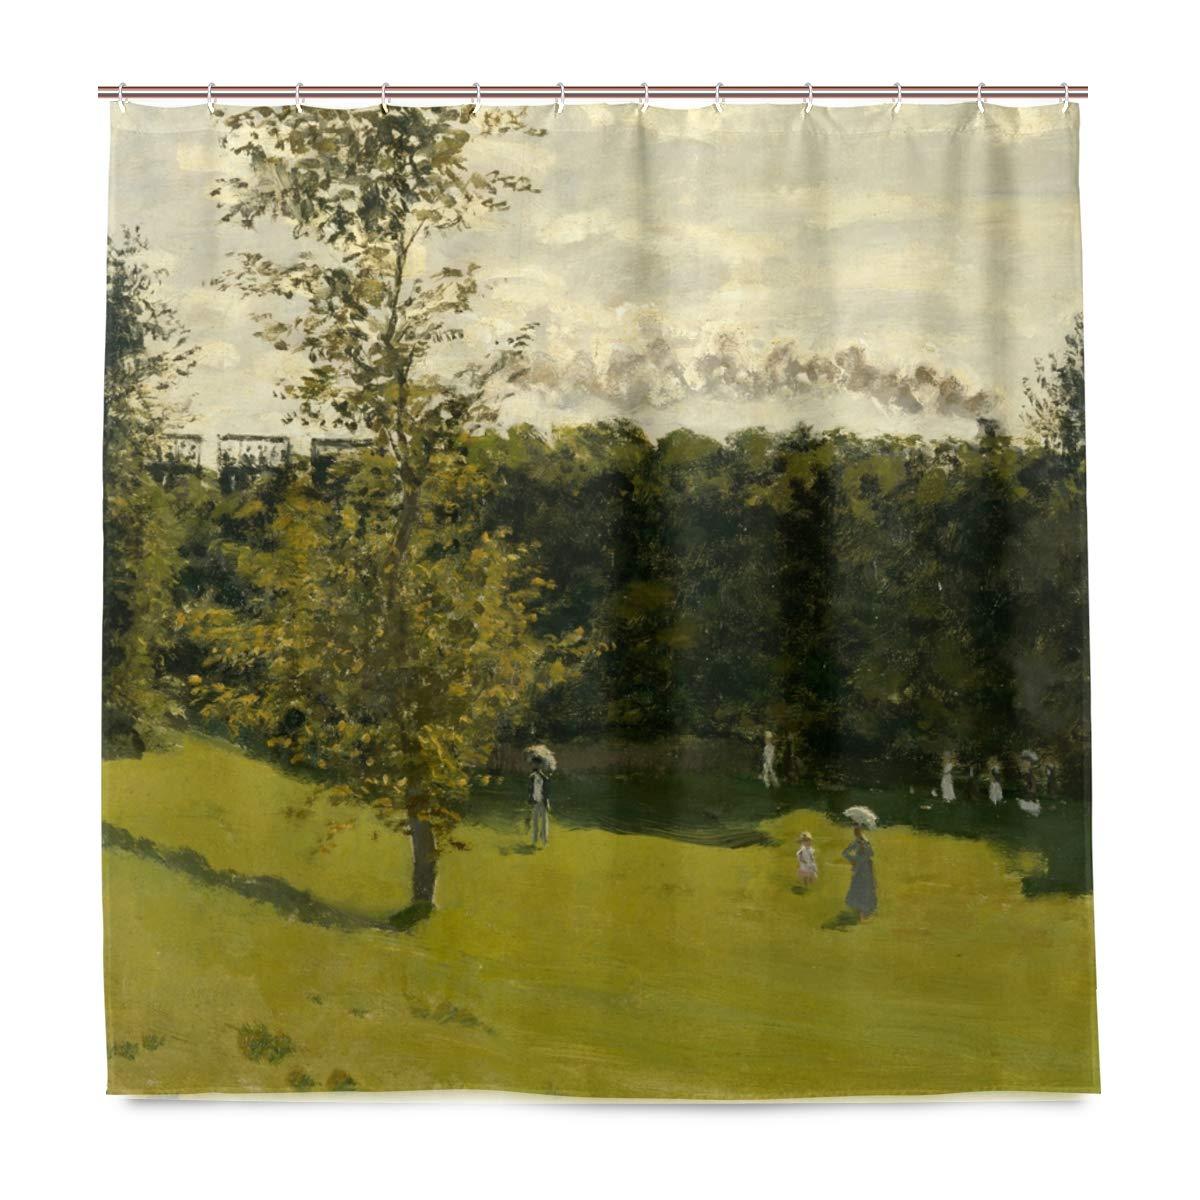 Rideau de Douche Imperméable Antimoisi pour Salle de Bain avec 12 Crochets